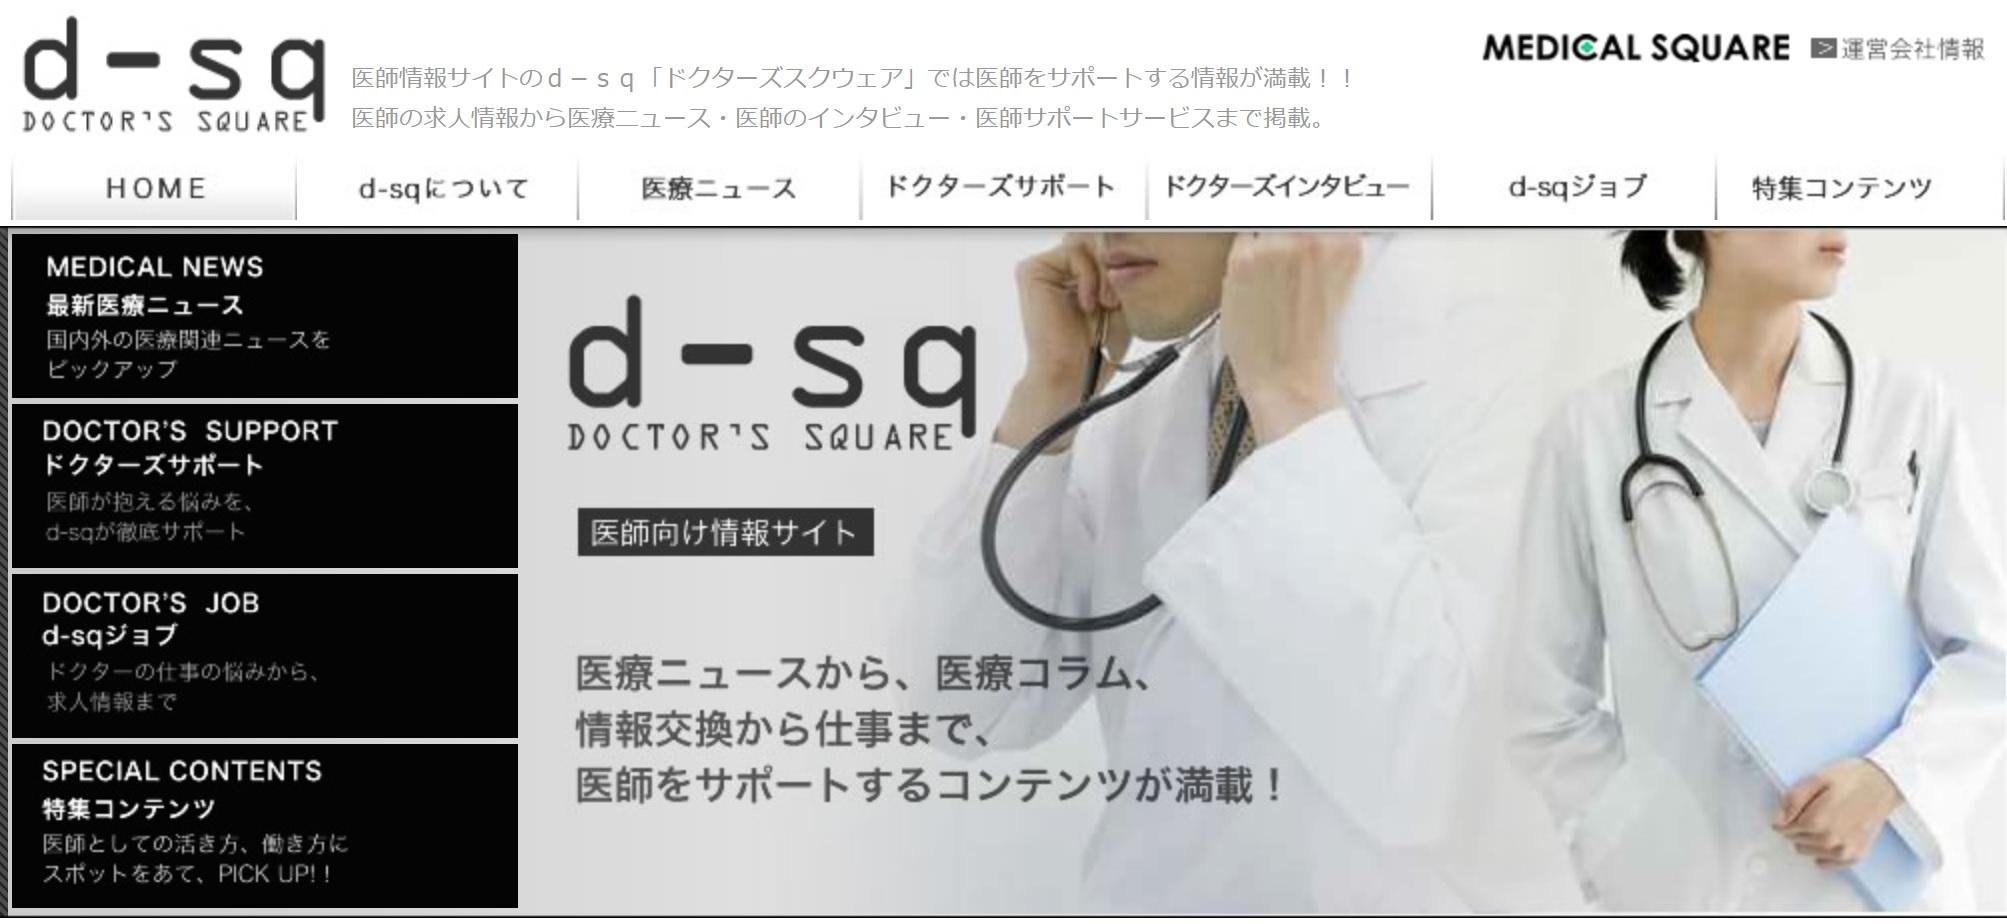 ドクターズスクウェアジョブの医師の転職と求人